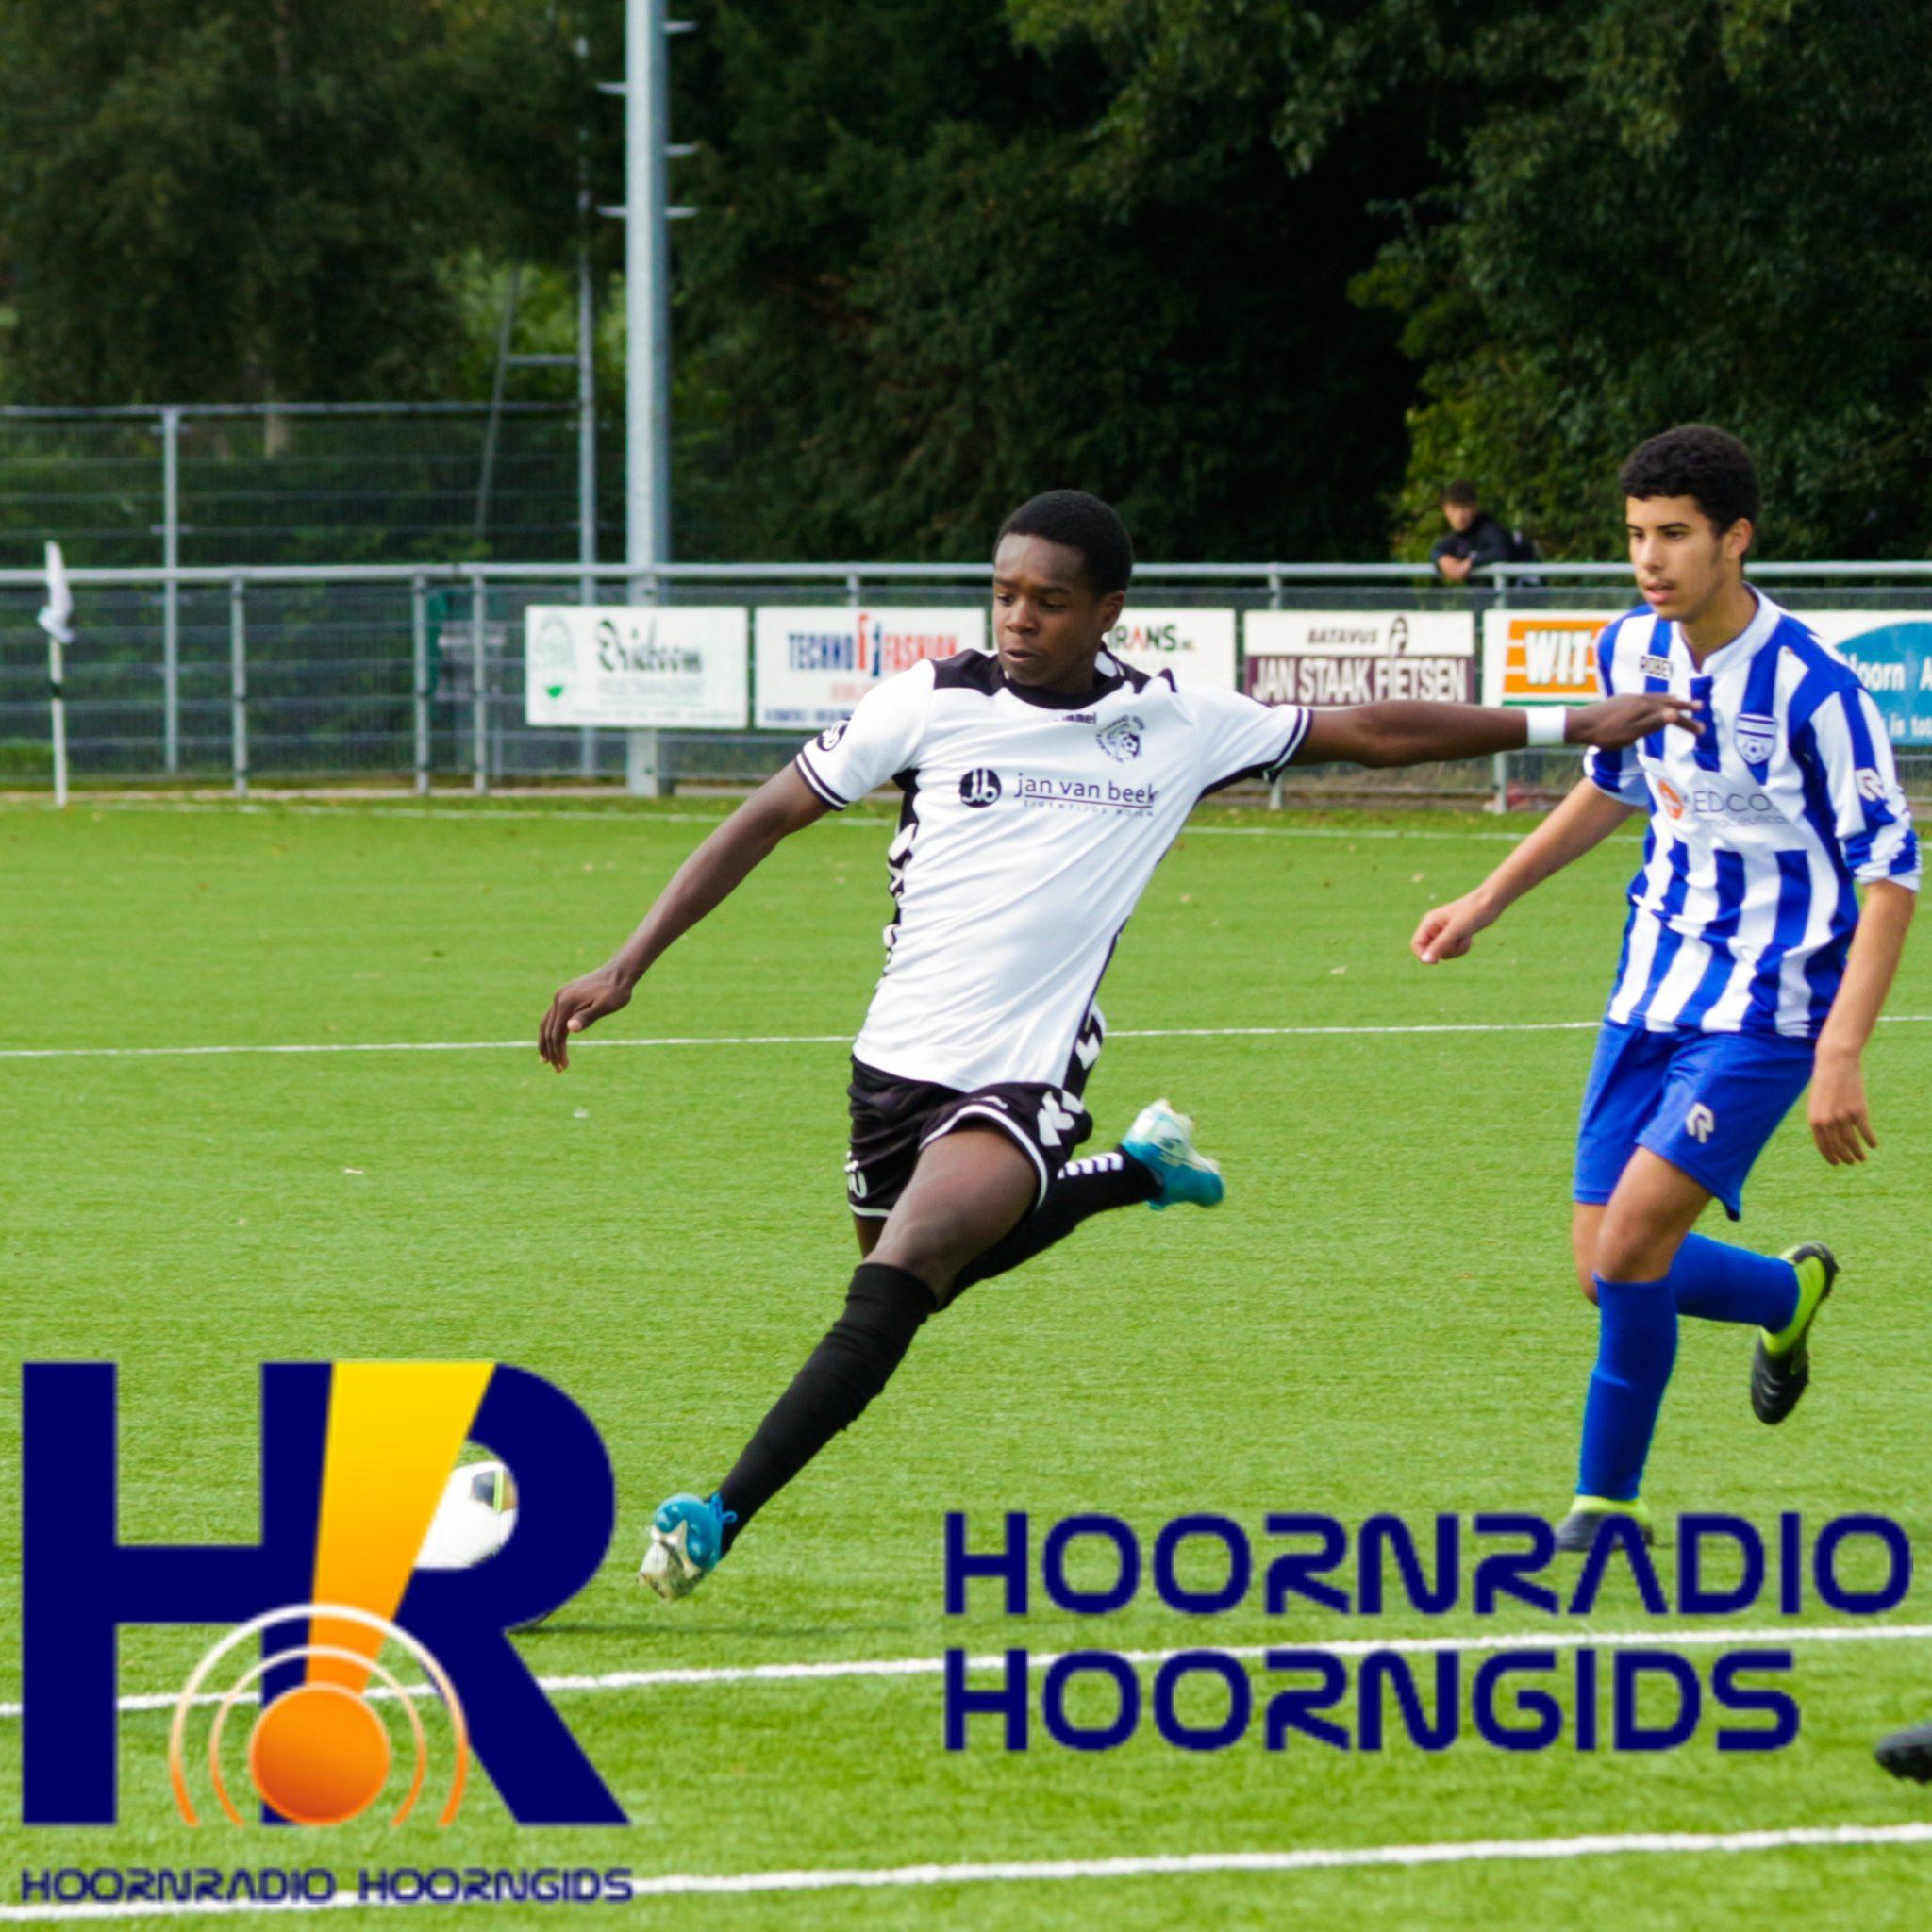 Live verslag door HoornRadio